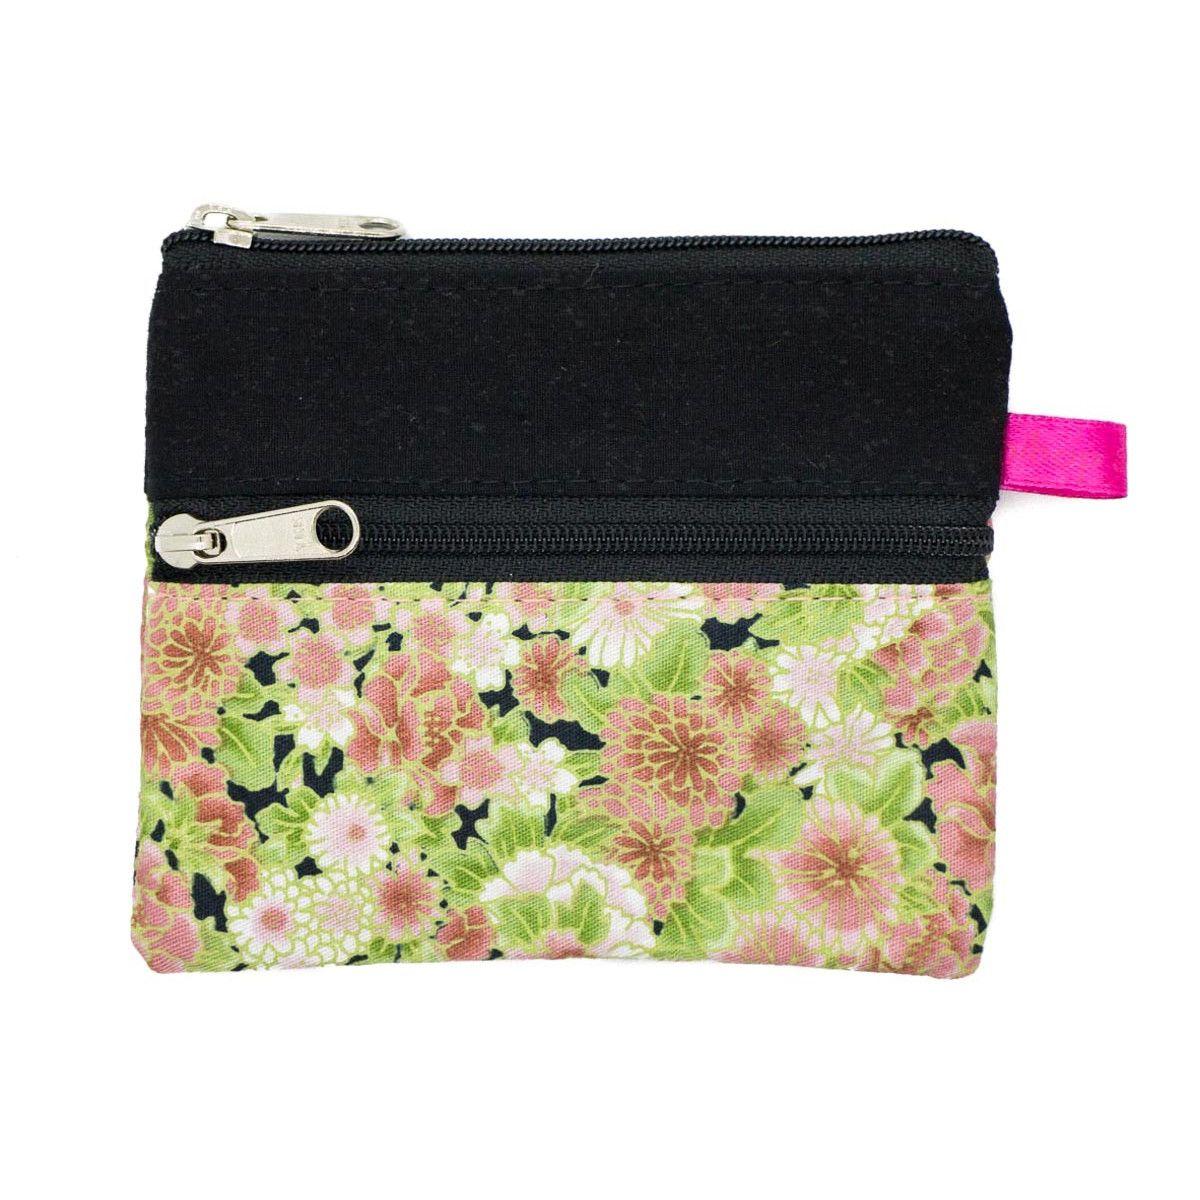 Petit porte-monnaie deux compartiments noir et fleurs vert rose